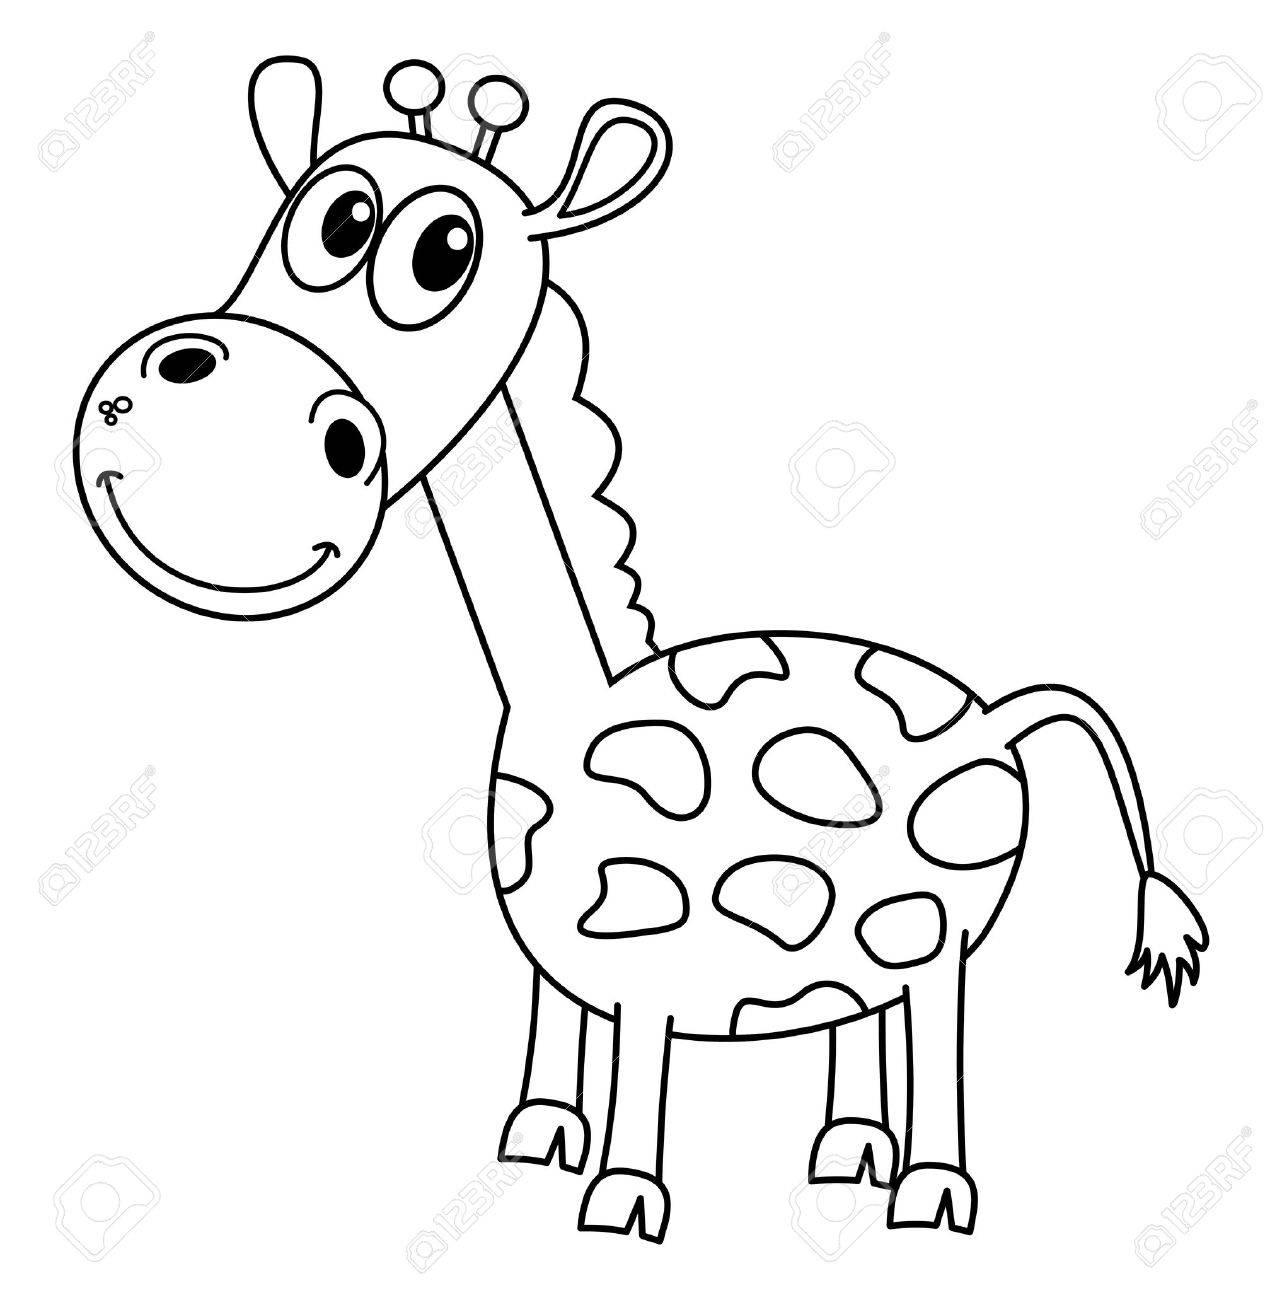 Lächelnd Schwarze Giraffen Zur Einfärbung Lizenzfrei Nutzbare